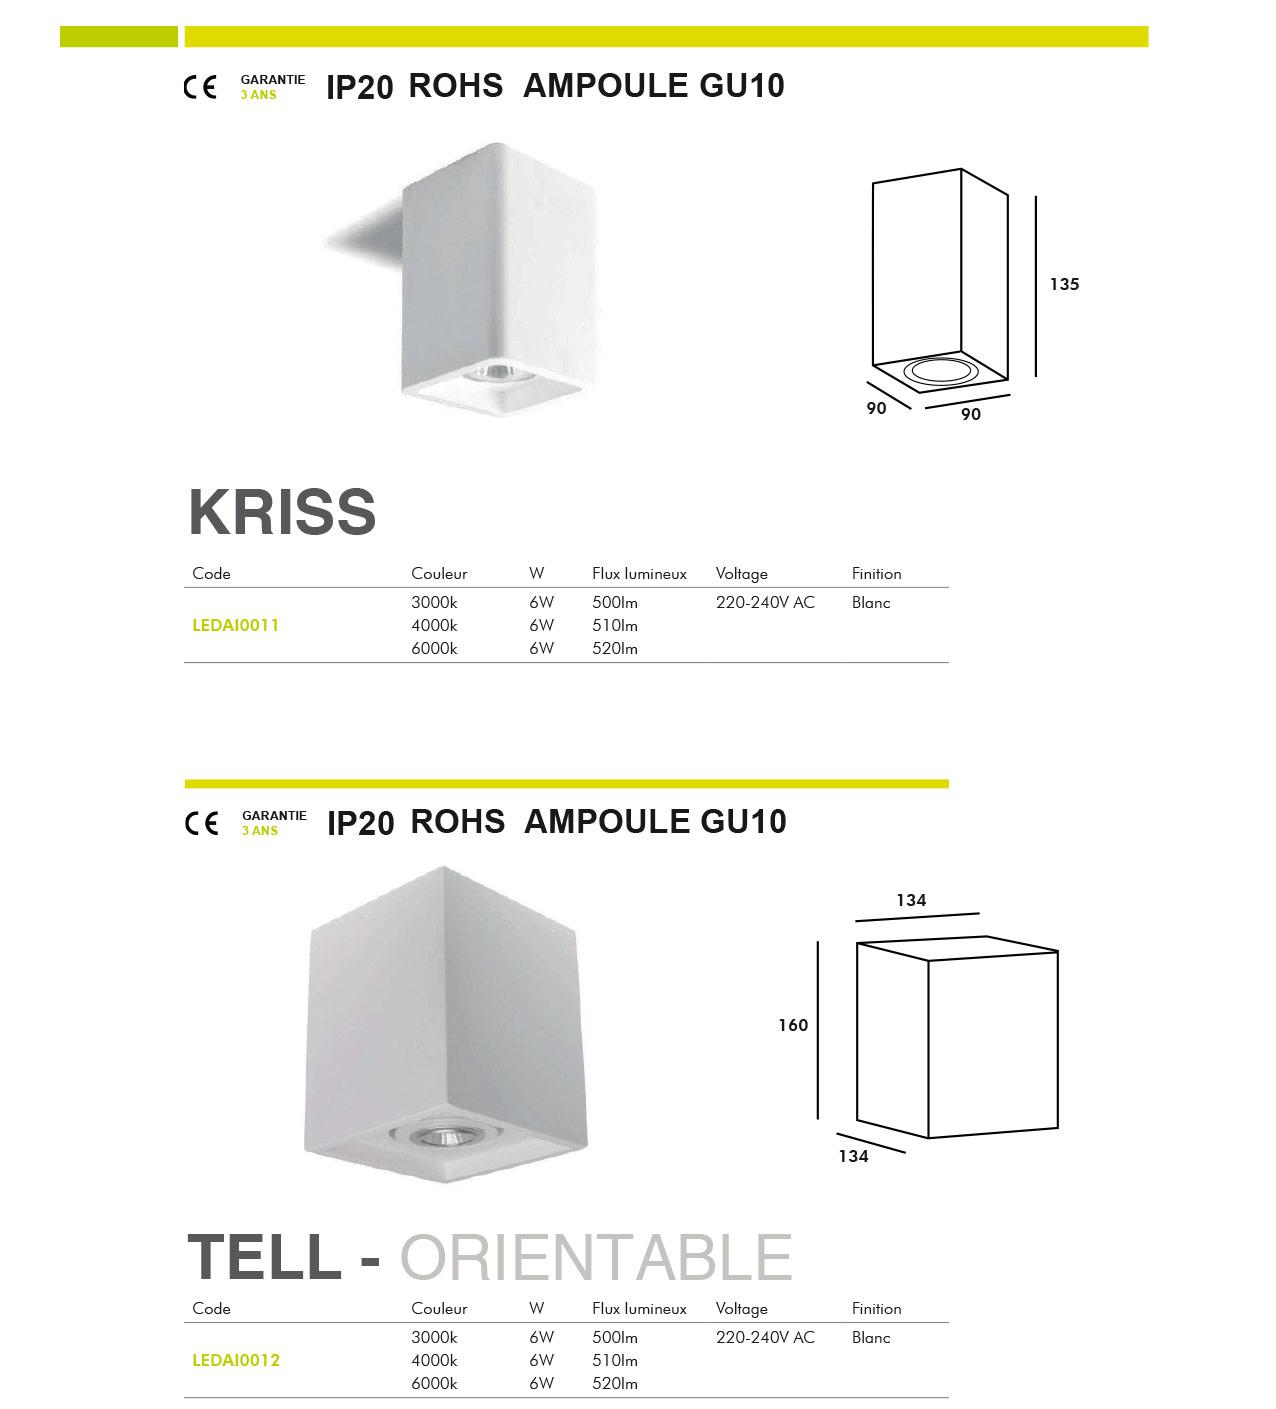 kriss-tell